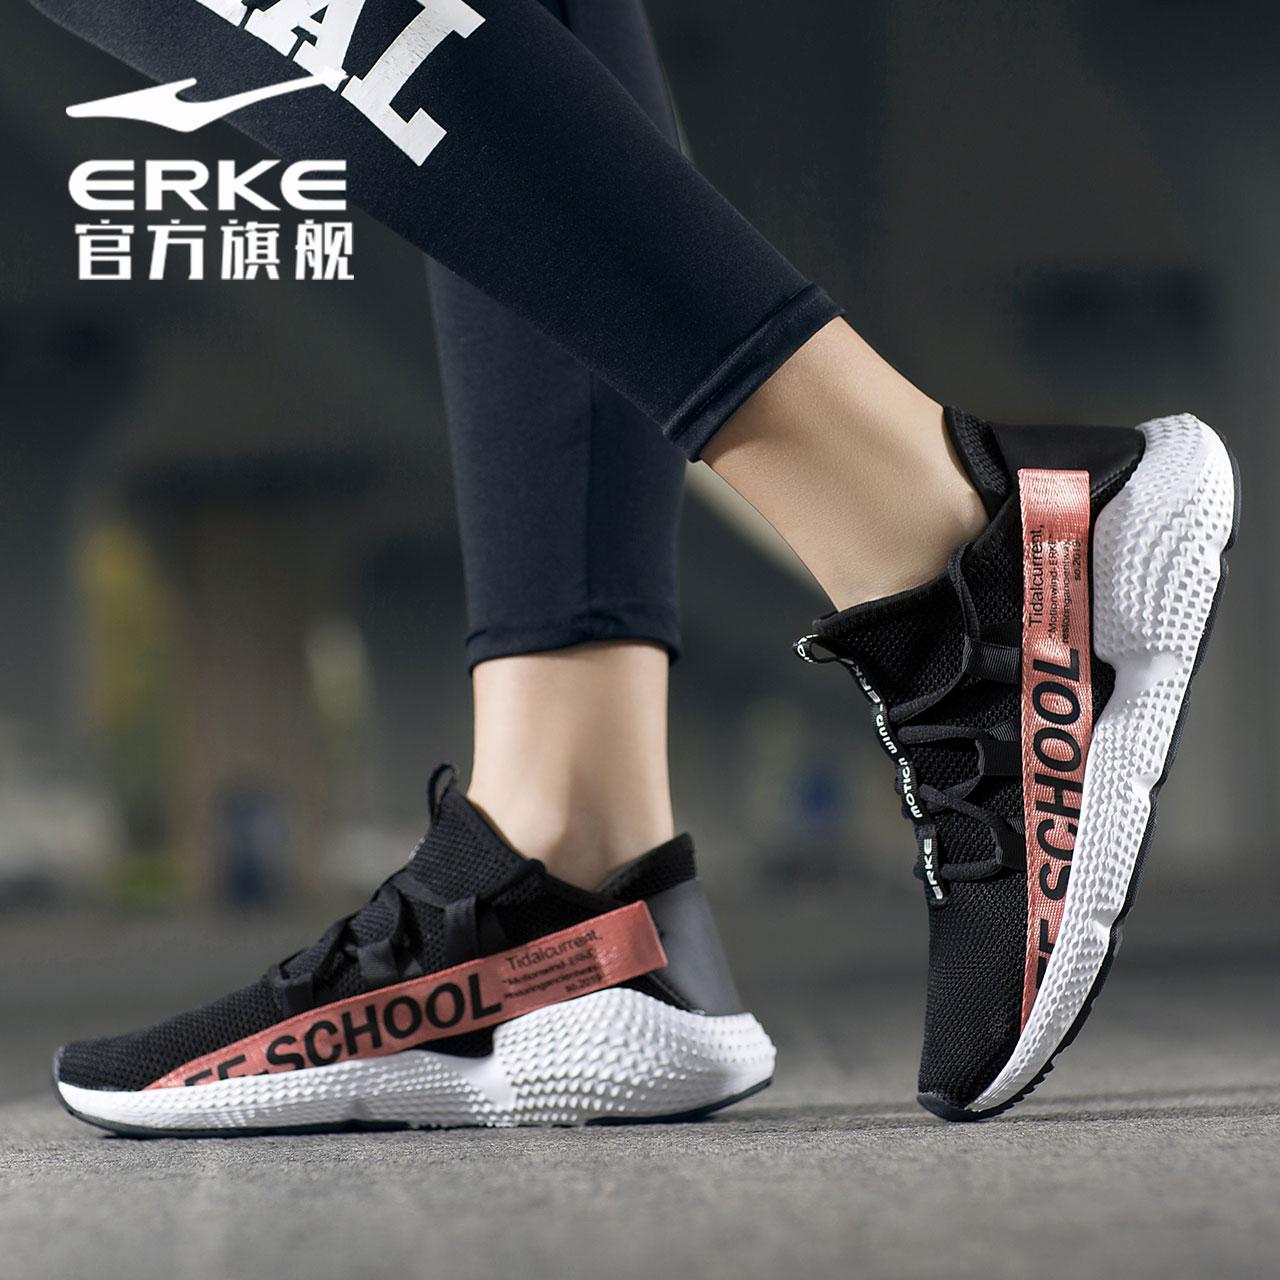 鸿星尔克女鞋运动鞋女官方秋季ins潮休闲跑步鞋冬季百搭低帮跑鞋